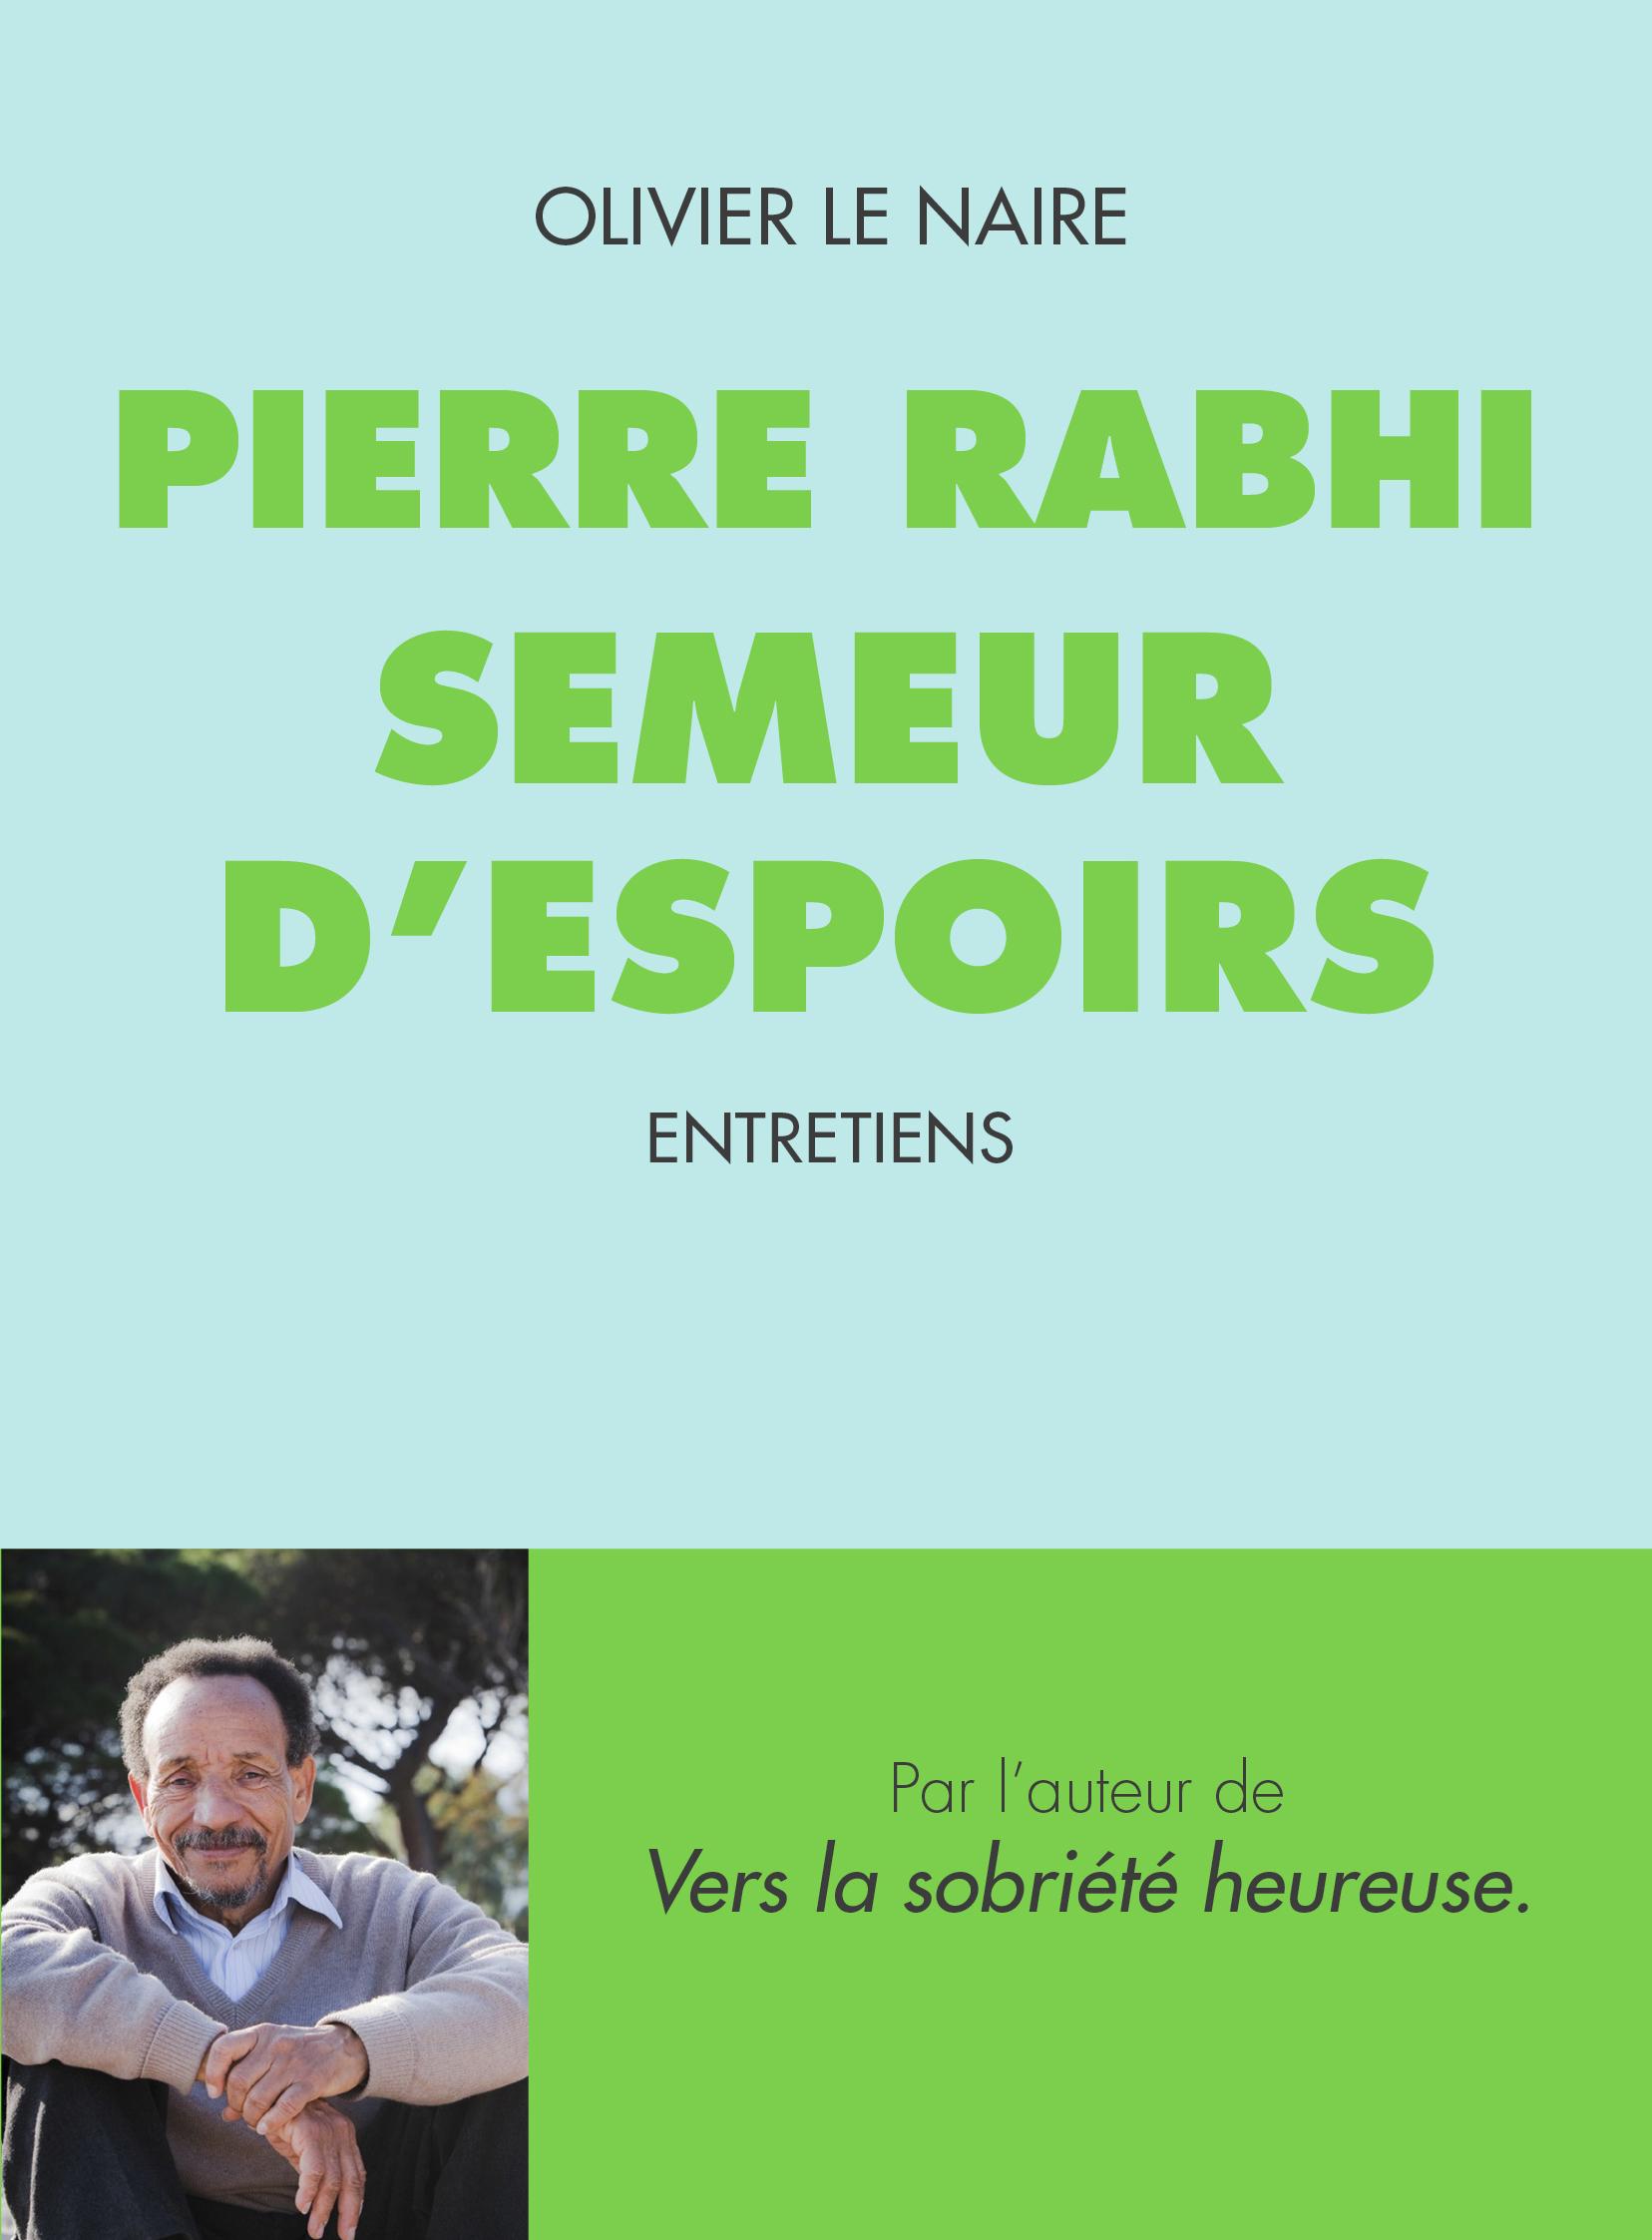 Exceptionnel Pierre Rabhi, semeur d'espoirs | Mouvement Colibris NQ82